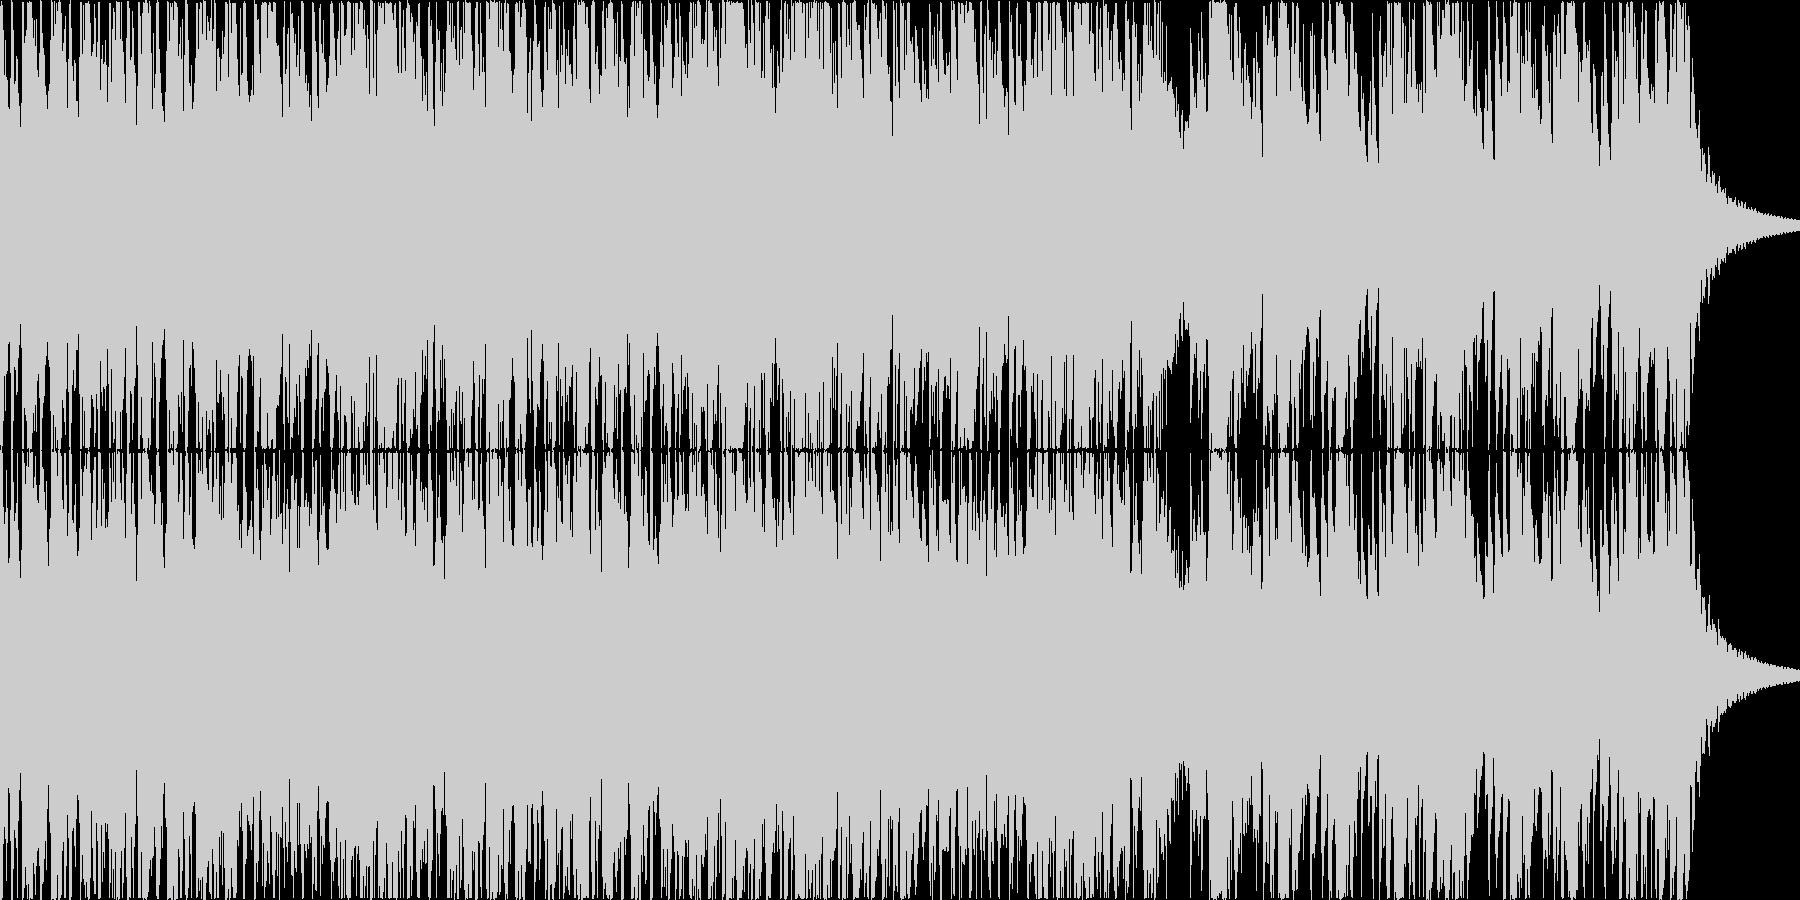 騎馬戦等をイメージした映画的な打楽器の曲の未再生の波形